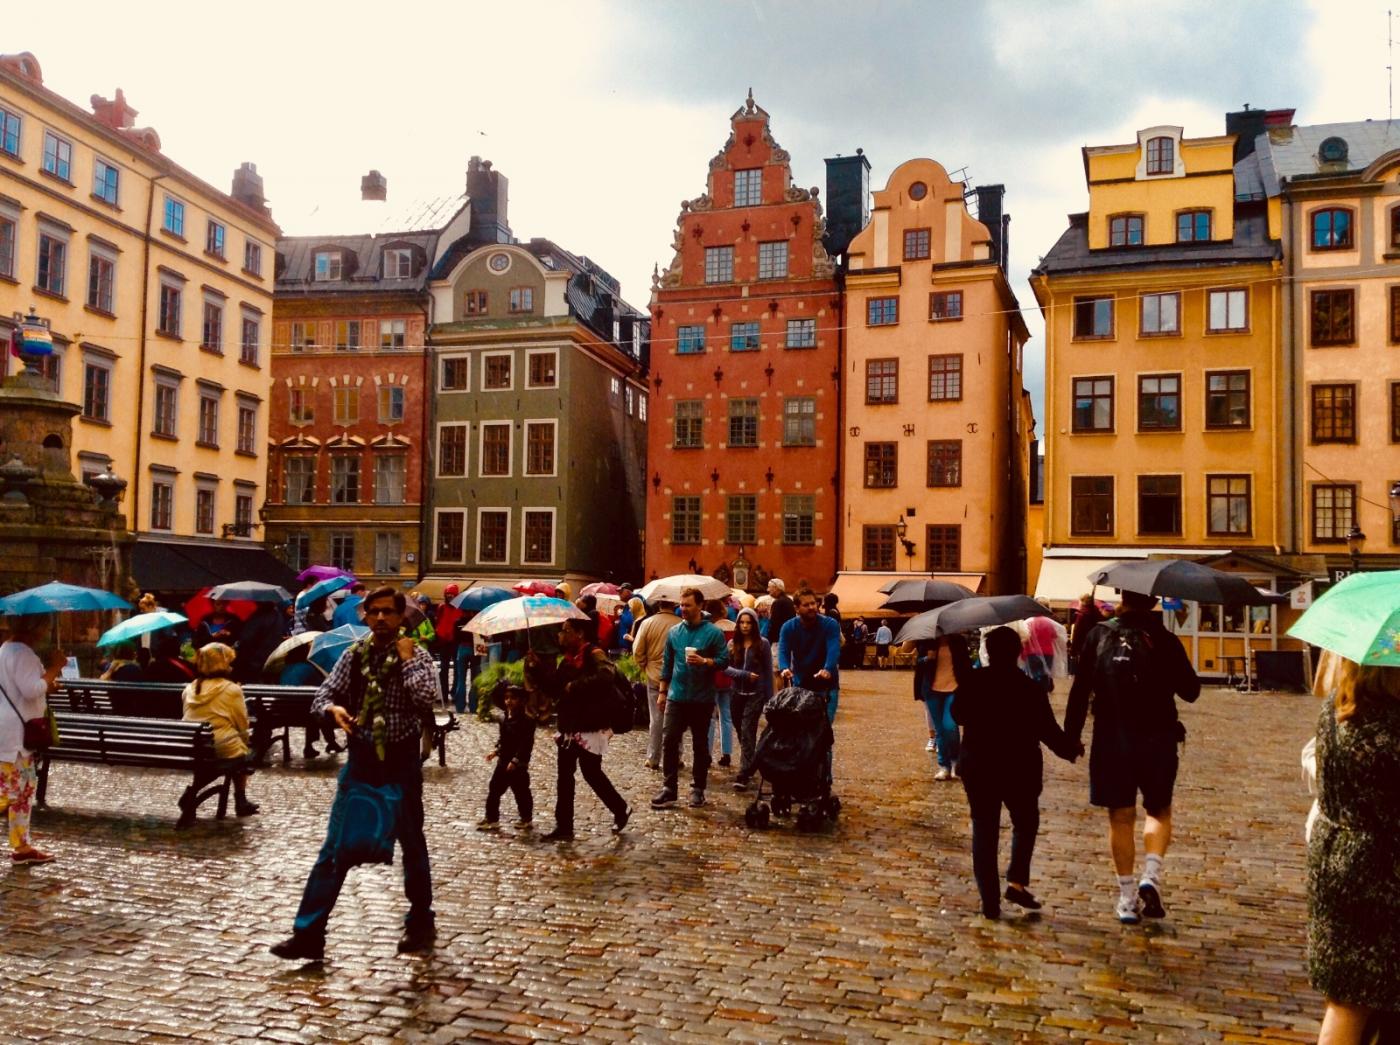 《攝影》老城舊影-斯德哥爾摩_圖1-3